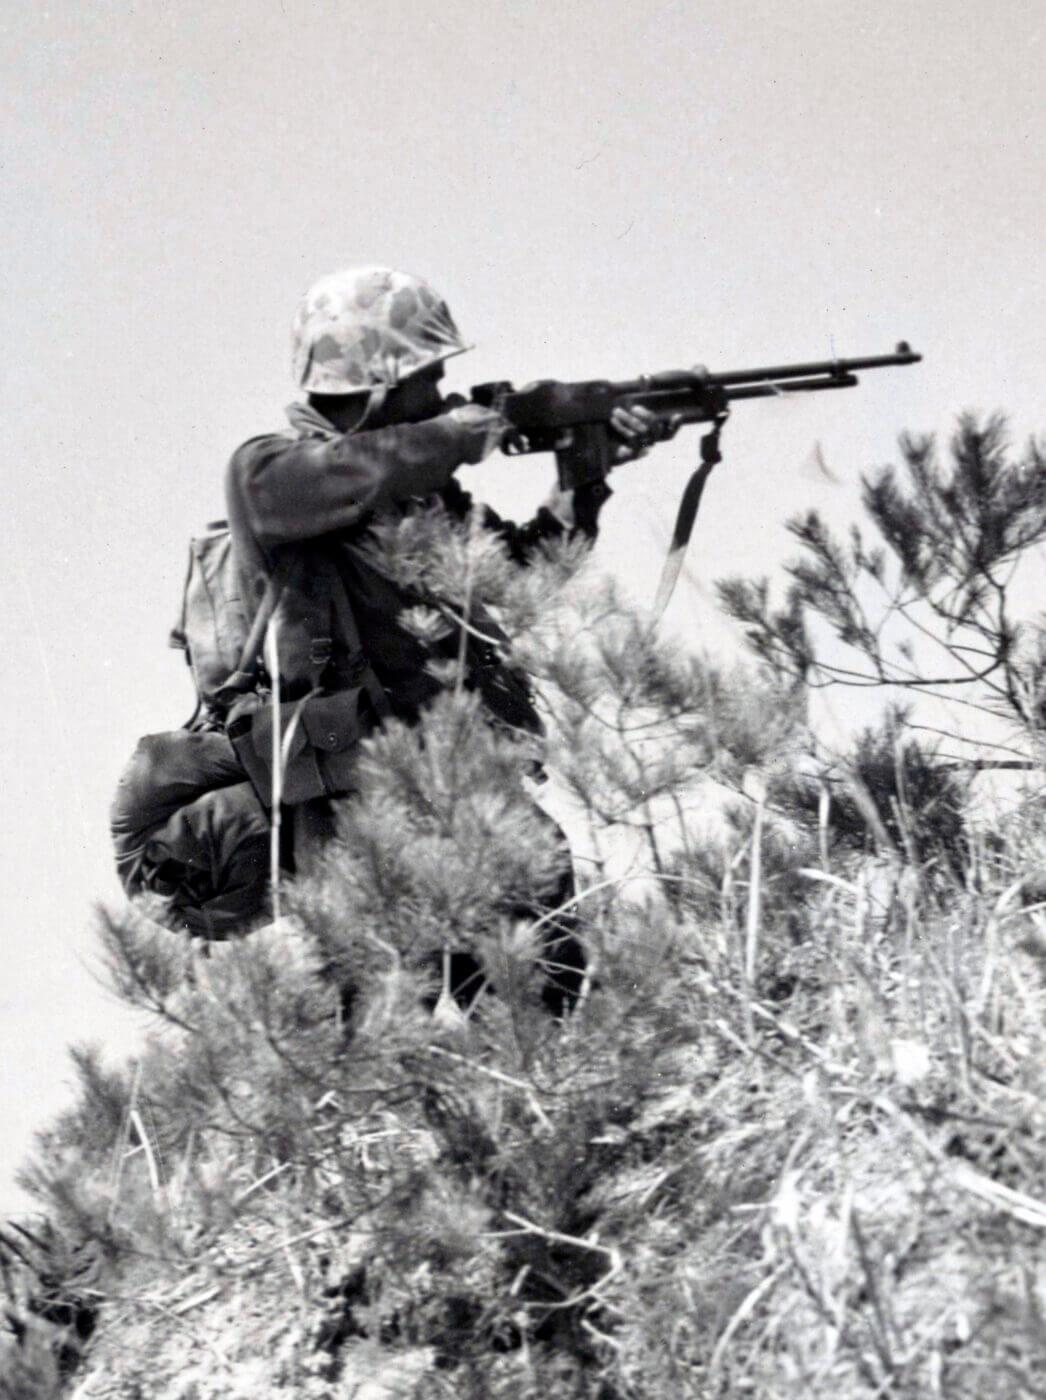 BAR rifle in Korea